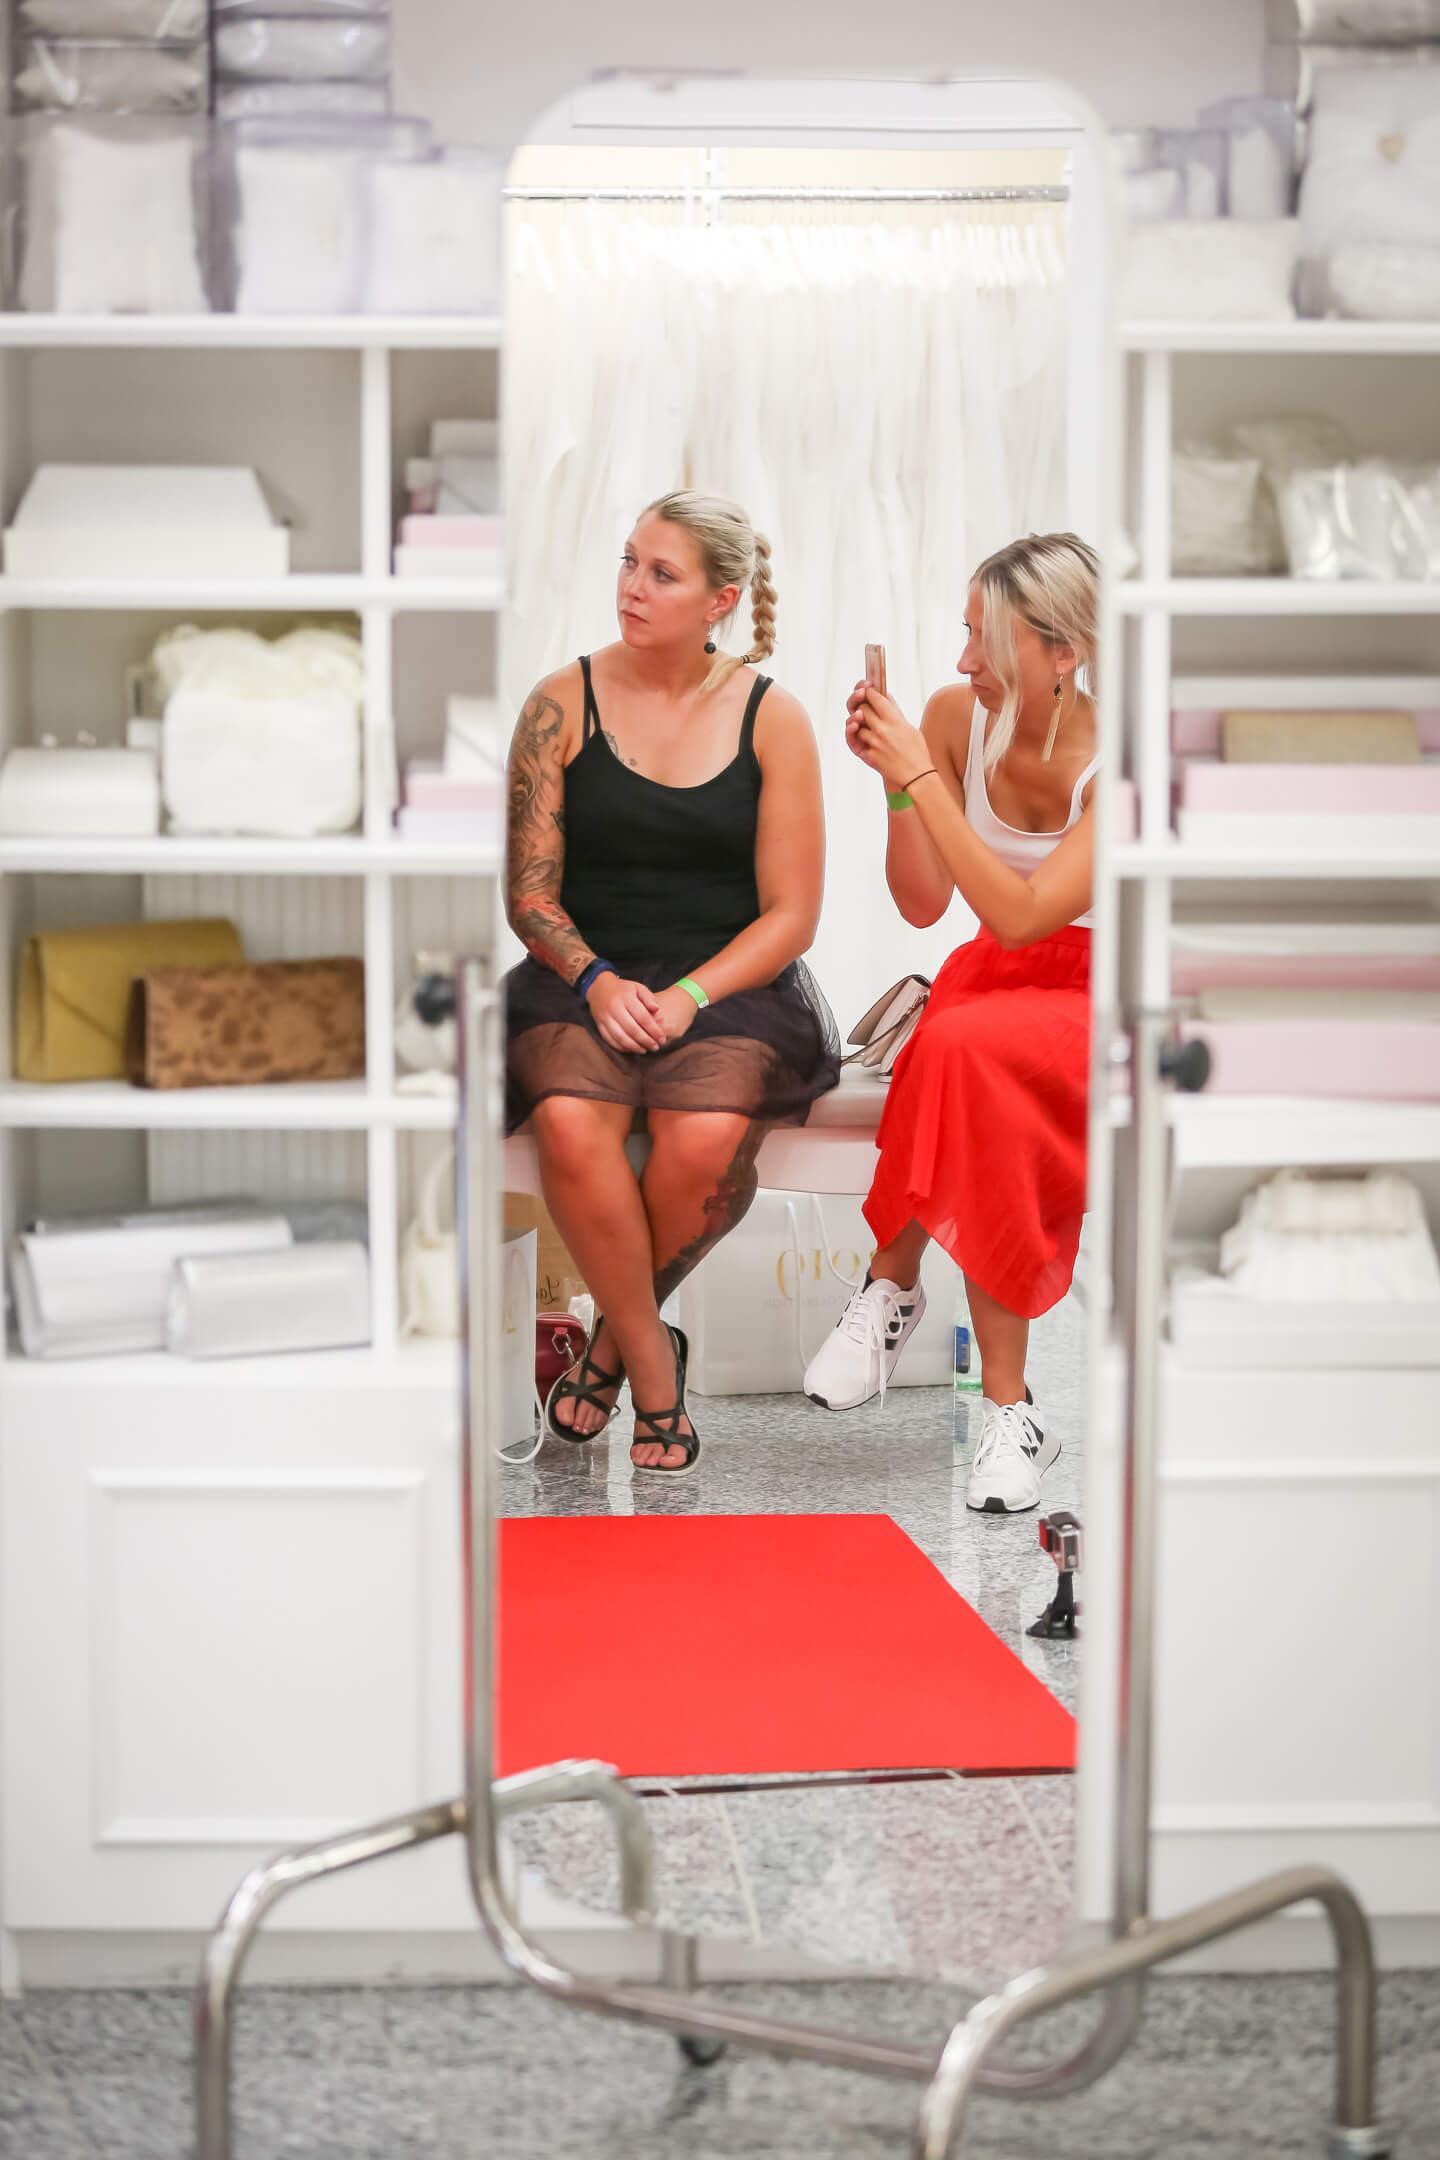 Spiegelbild von Besucherinnen der Pronovias Fashionshow